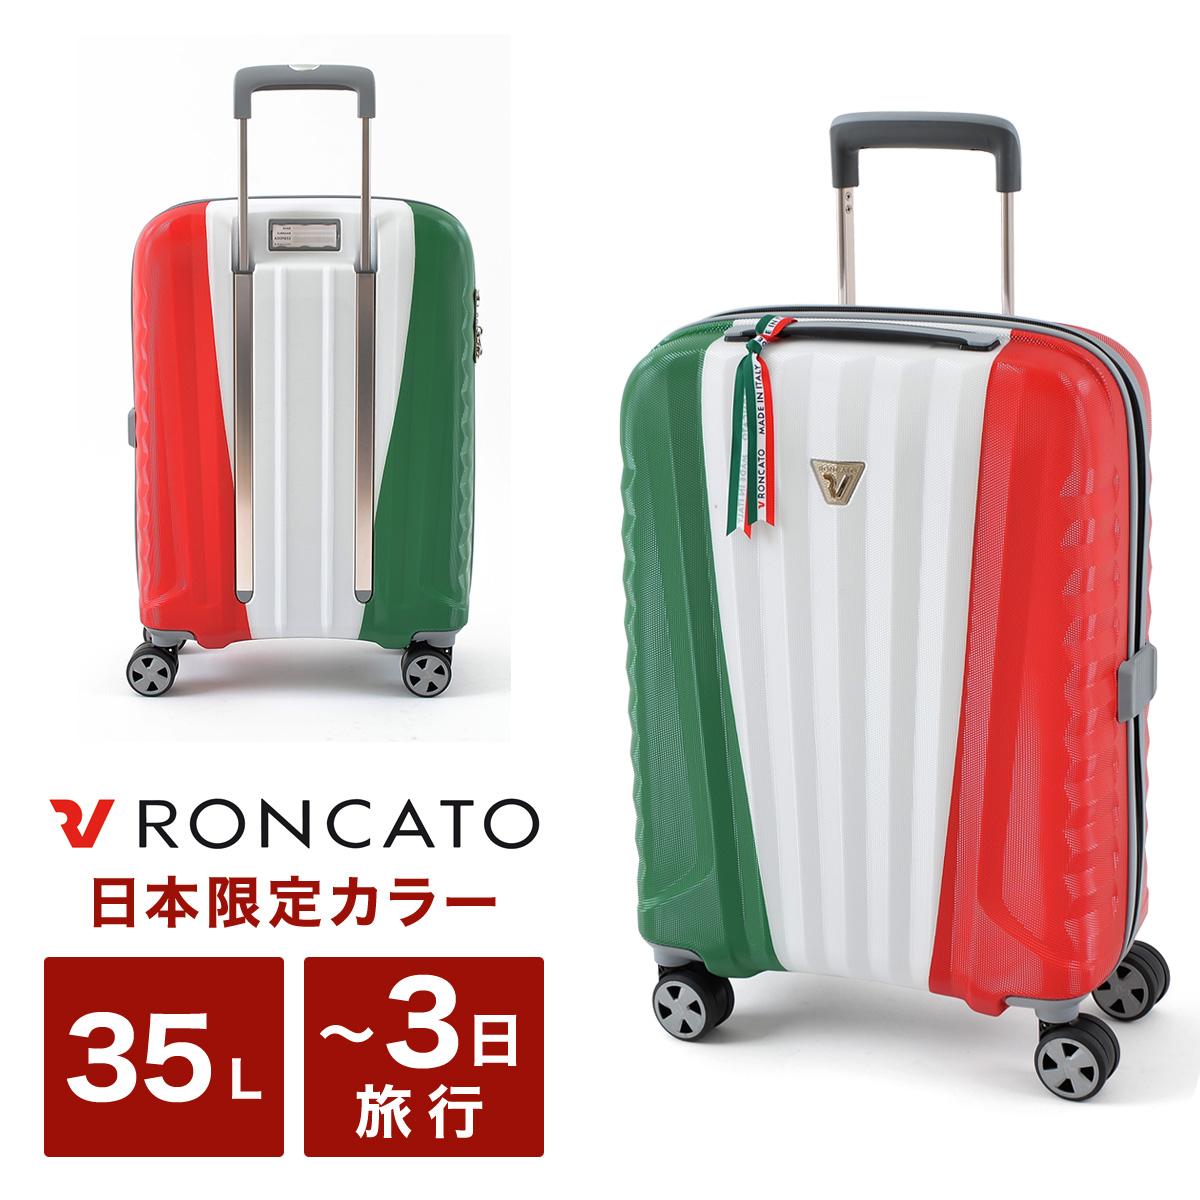 ロンカート スーツケース 35L 51cm 2.3kg ハード ファスナー 機内持ち込み 日本限定 イタリア製 プレミアムZSL トリコローレ 5463 RONCATO PREMIUM ZSL Tricolore キャリーケース 軽量 TSAロック搭載 10年保証[bef]